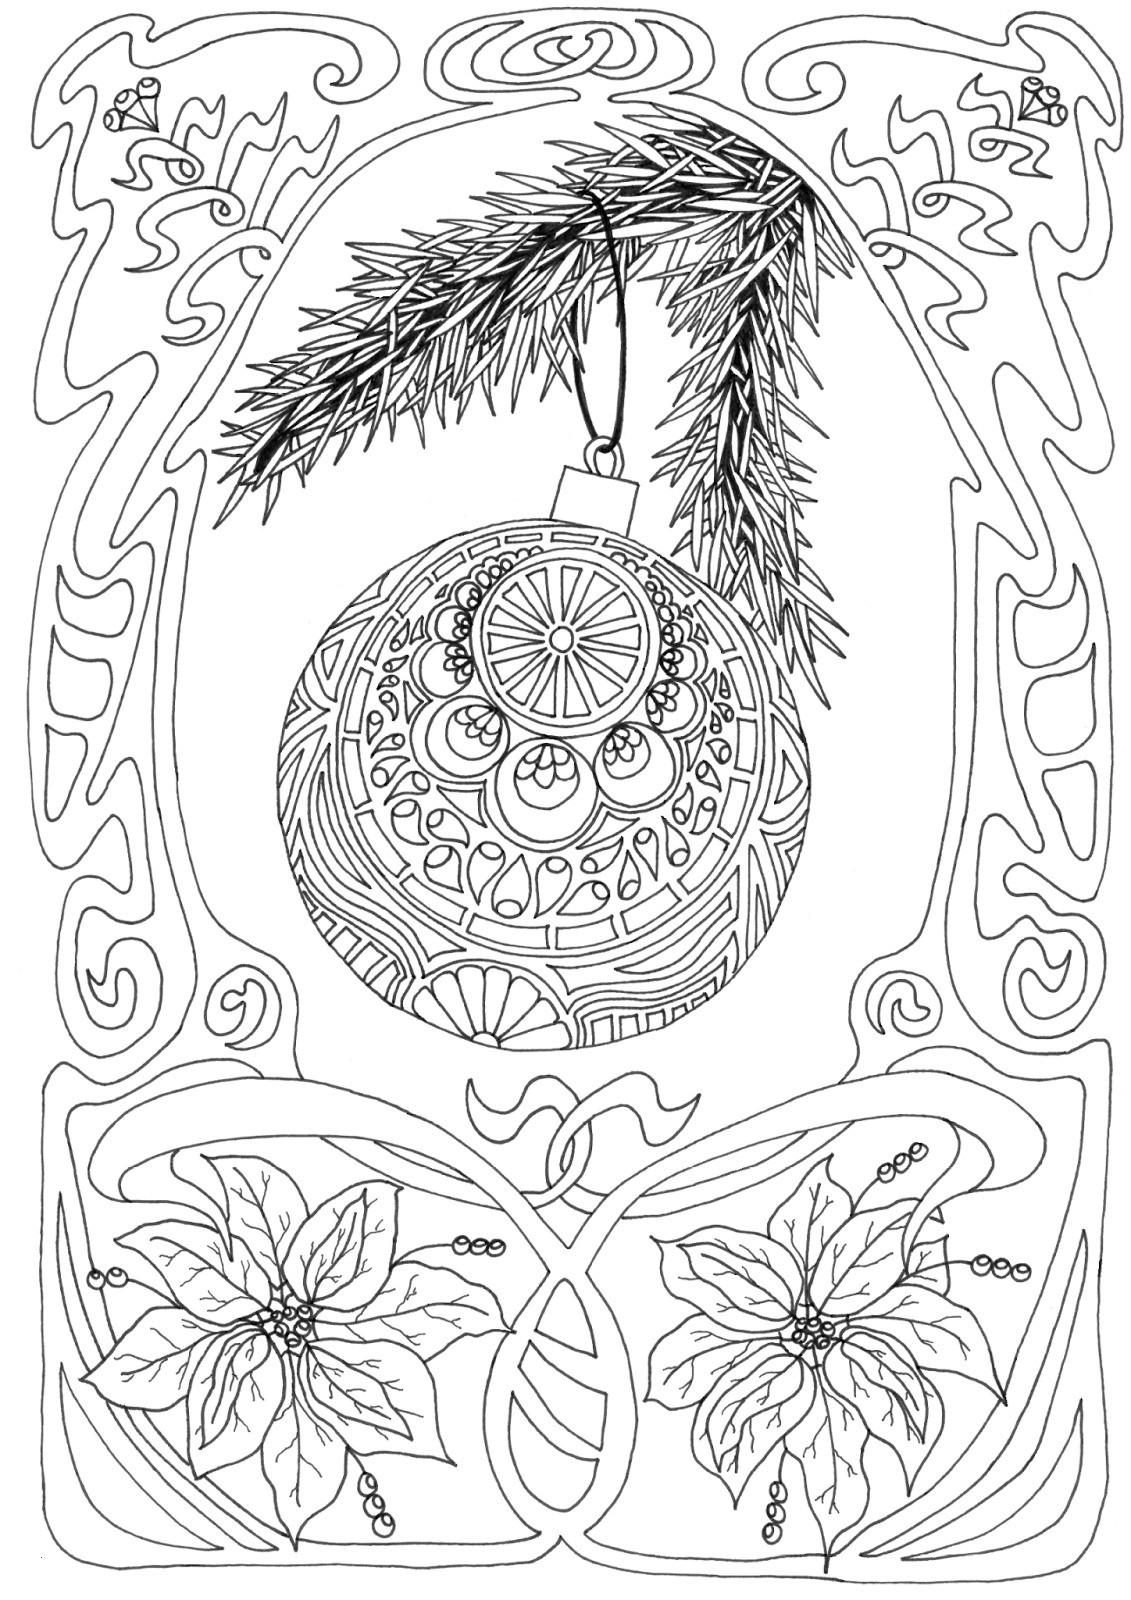 Malvorlage Blumen ornamente Einzigartig 32 Malvorlagen ornamente forstergallery Stock